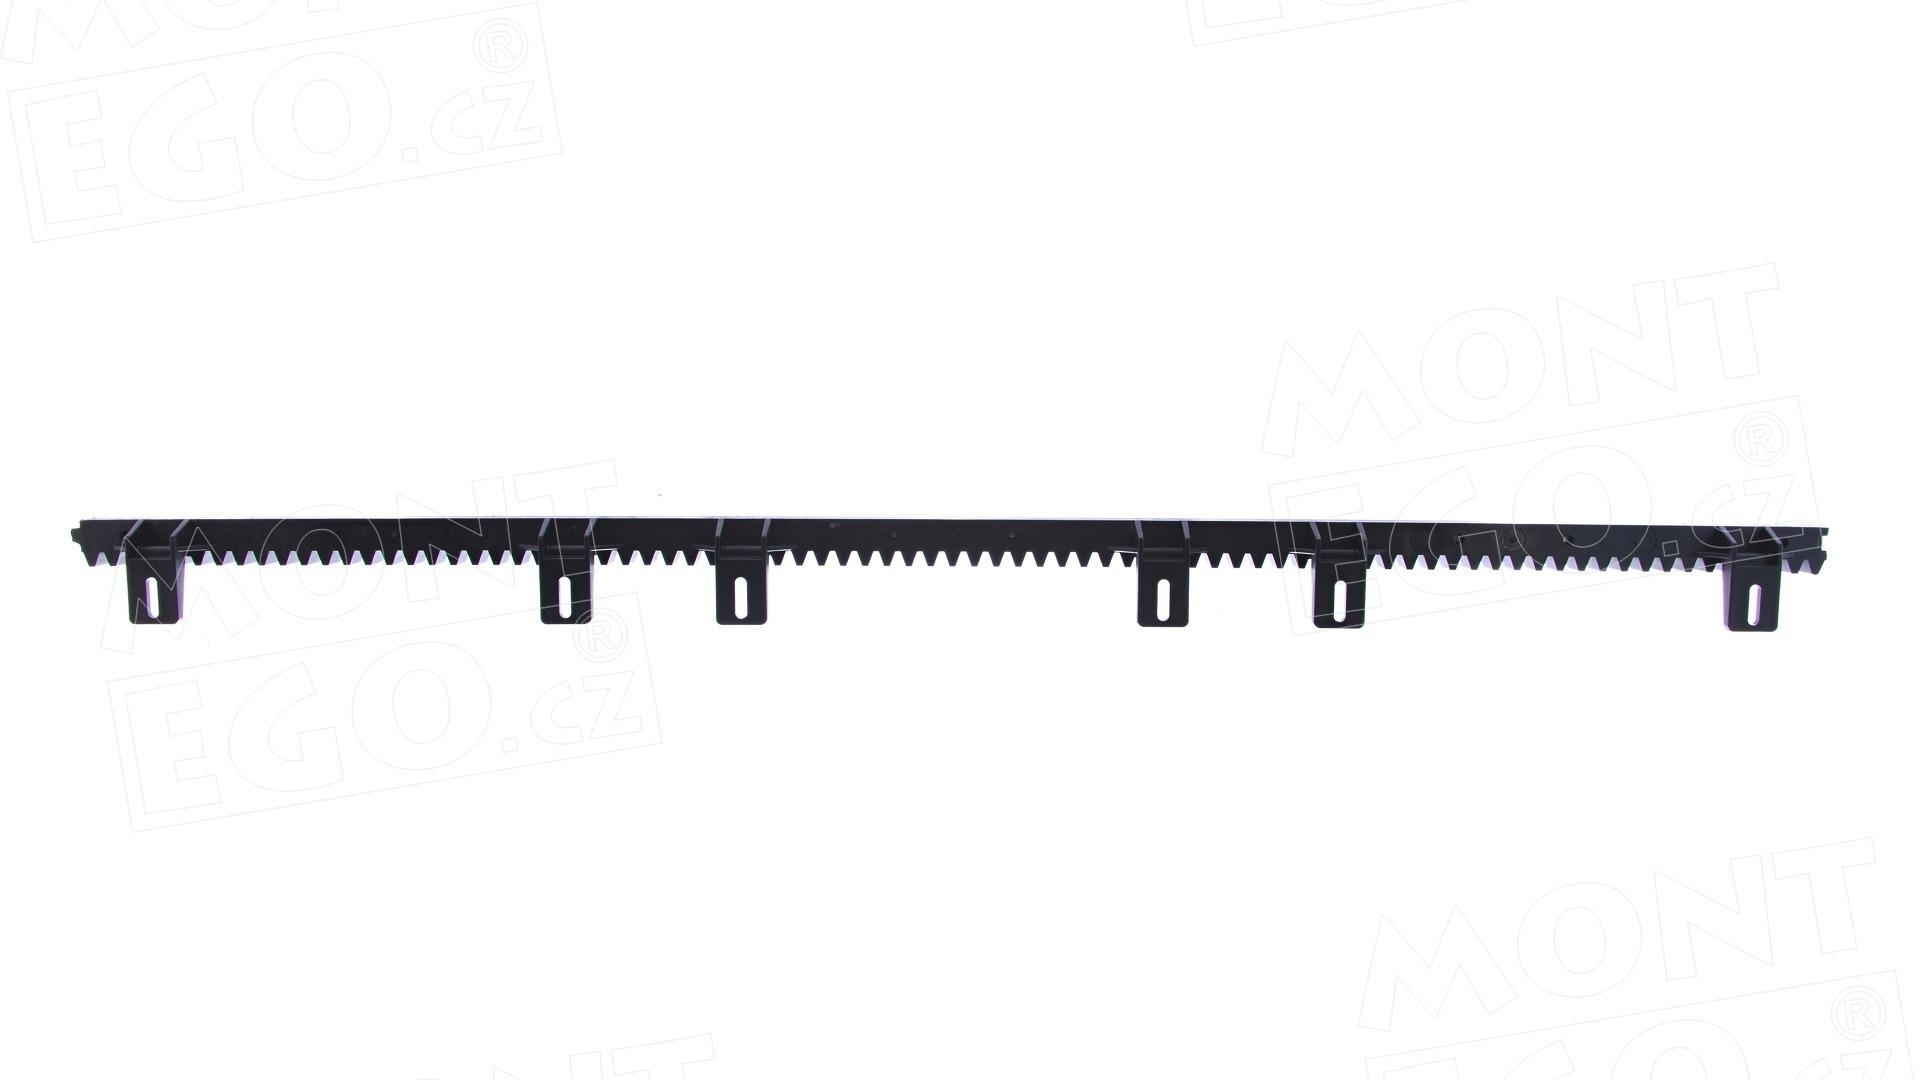 ROA6.T ozubený nylonový hřeben posuvné brány s ocelovou výztuhou, do 800 Kg, délka 1m